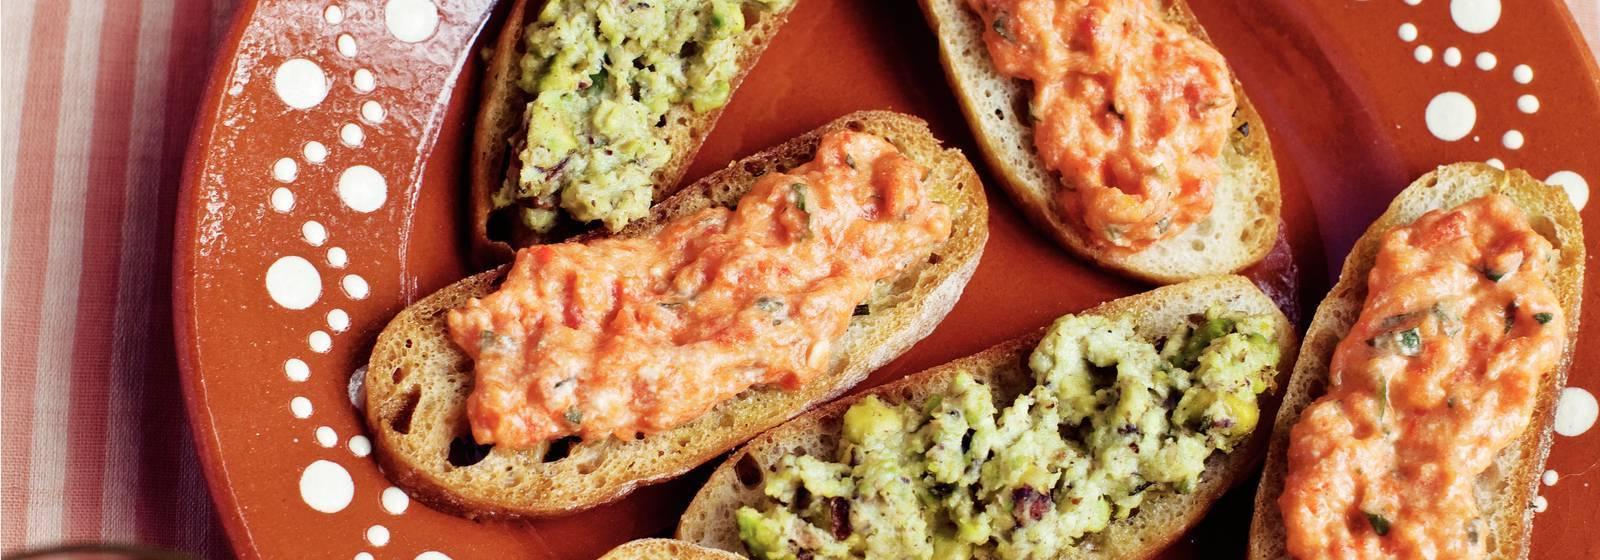 Pistachio pesto and pepper spread